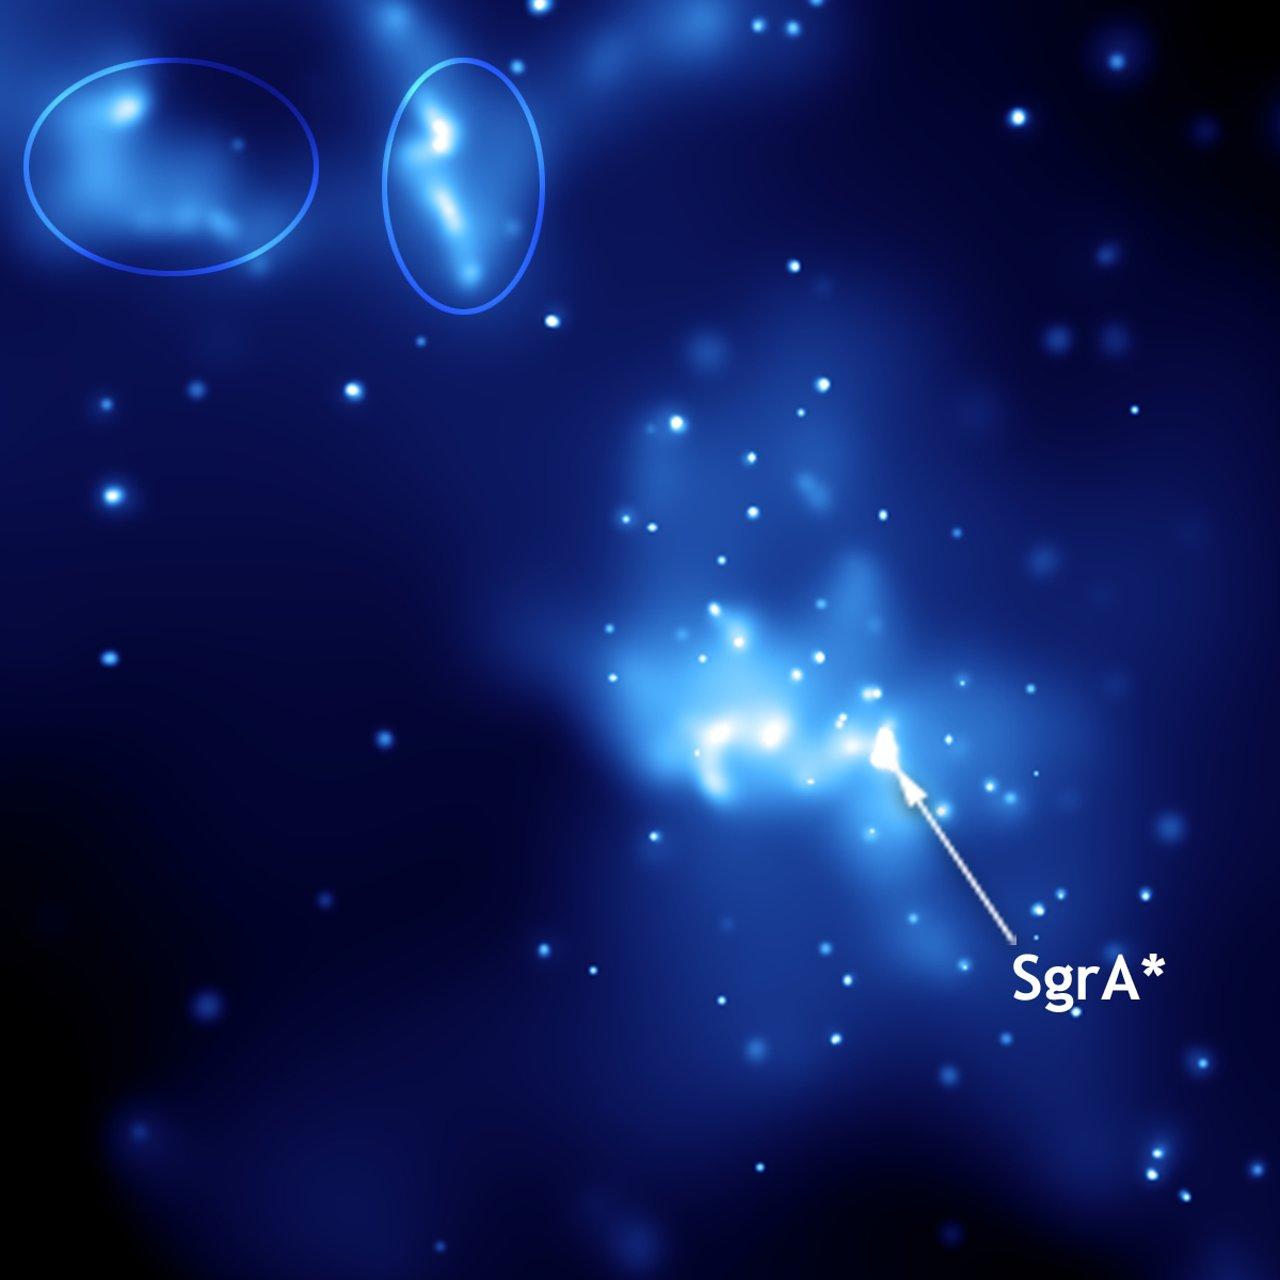 sagittarius a* | eso